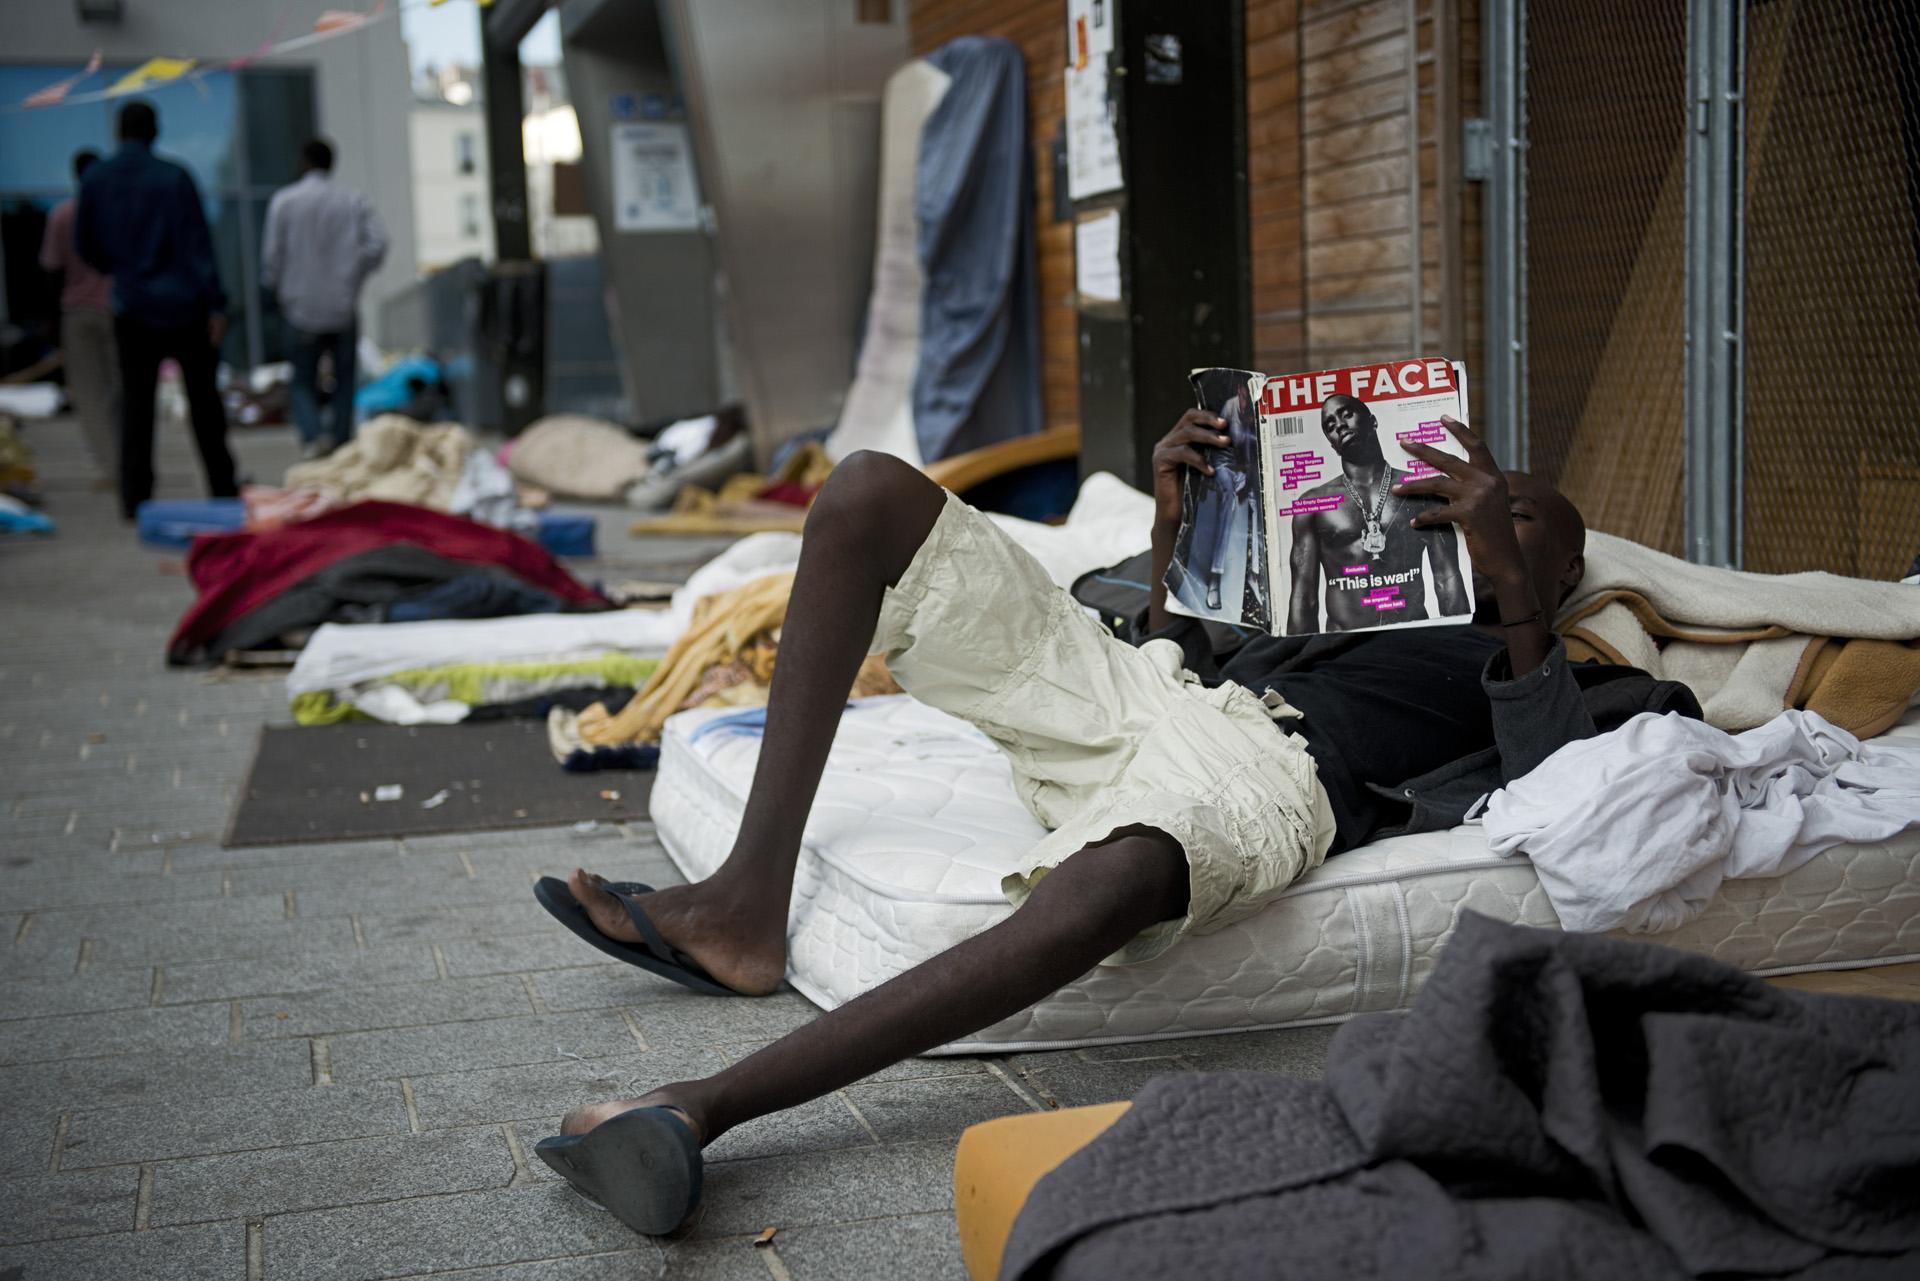 Rue Pajol, devant la bibliothèque Vaclav Havel, le temps est long pour les migrants qui ont fait des demandes d'asile et les distractions plutôt rares. Paris 18ème, le 12 juillet 2015.